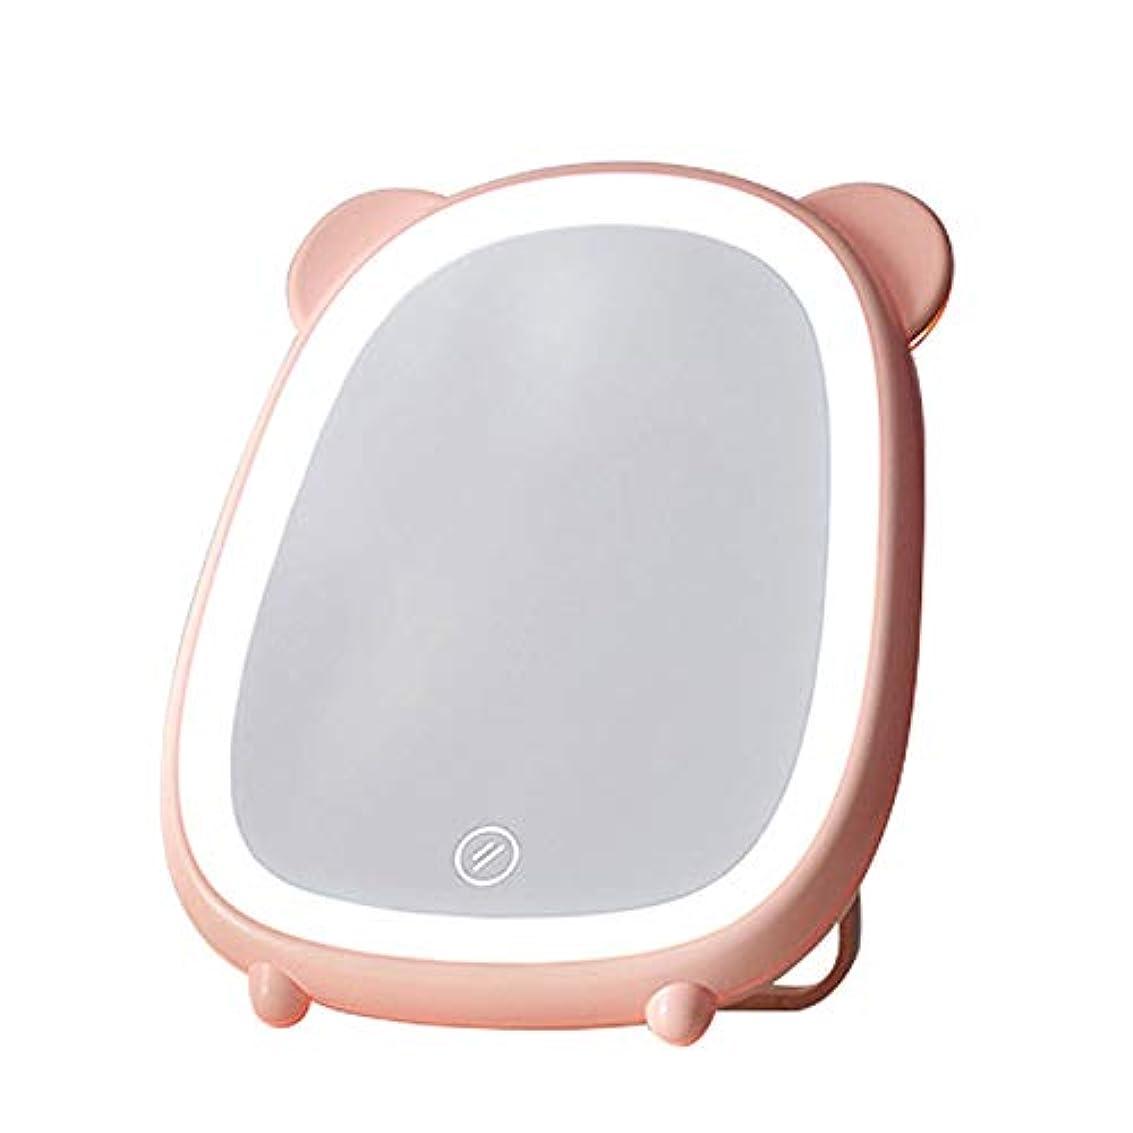 不信電気の汚染するTYNEGH 照光式ミラーLEDライトタッチスクリーンは、女の子と男性の化粧品については、表を回転自由に180度回転させることができ、